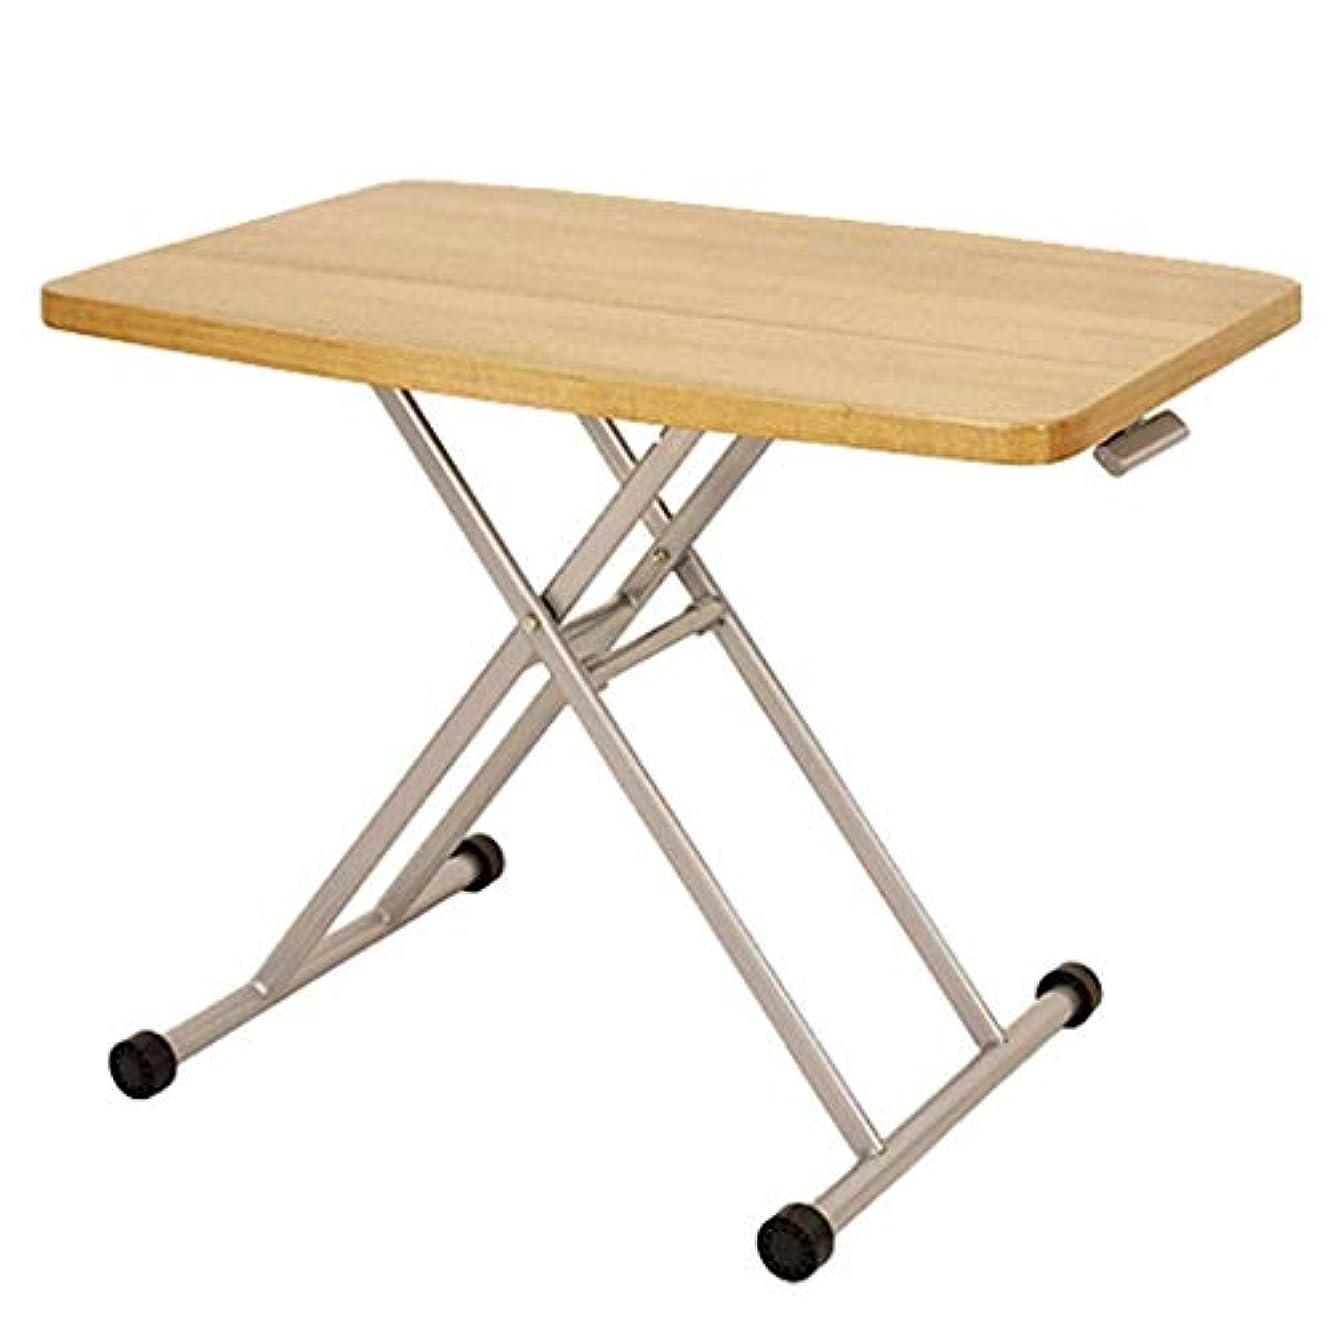 と闘う暗黙バンジージャンプテーブル、携帯用小さいテーブル、寝室の居間のオフィス、等のために適した、机、ダイニングテーブル、コンピューターの机、小さいコーヒーテーブル